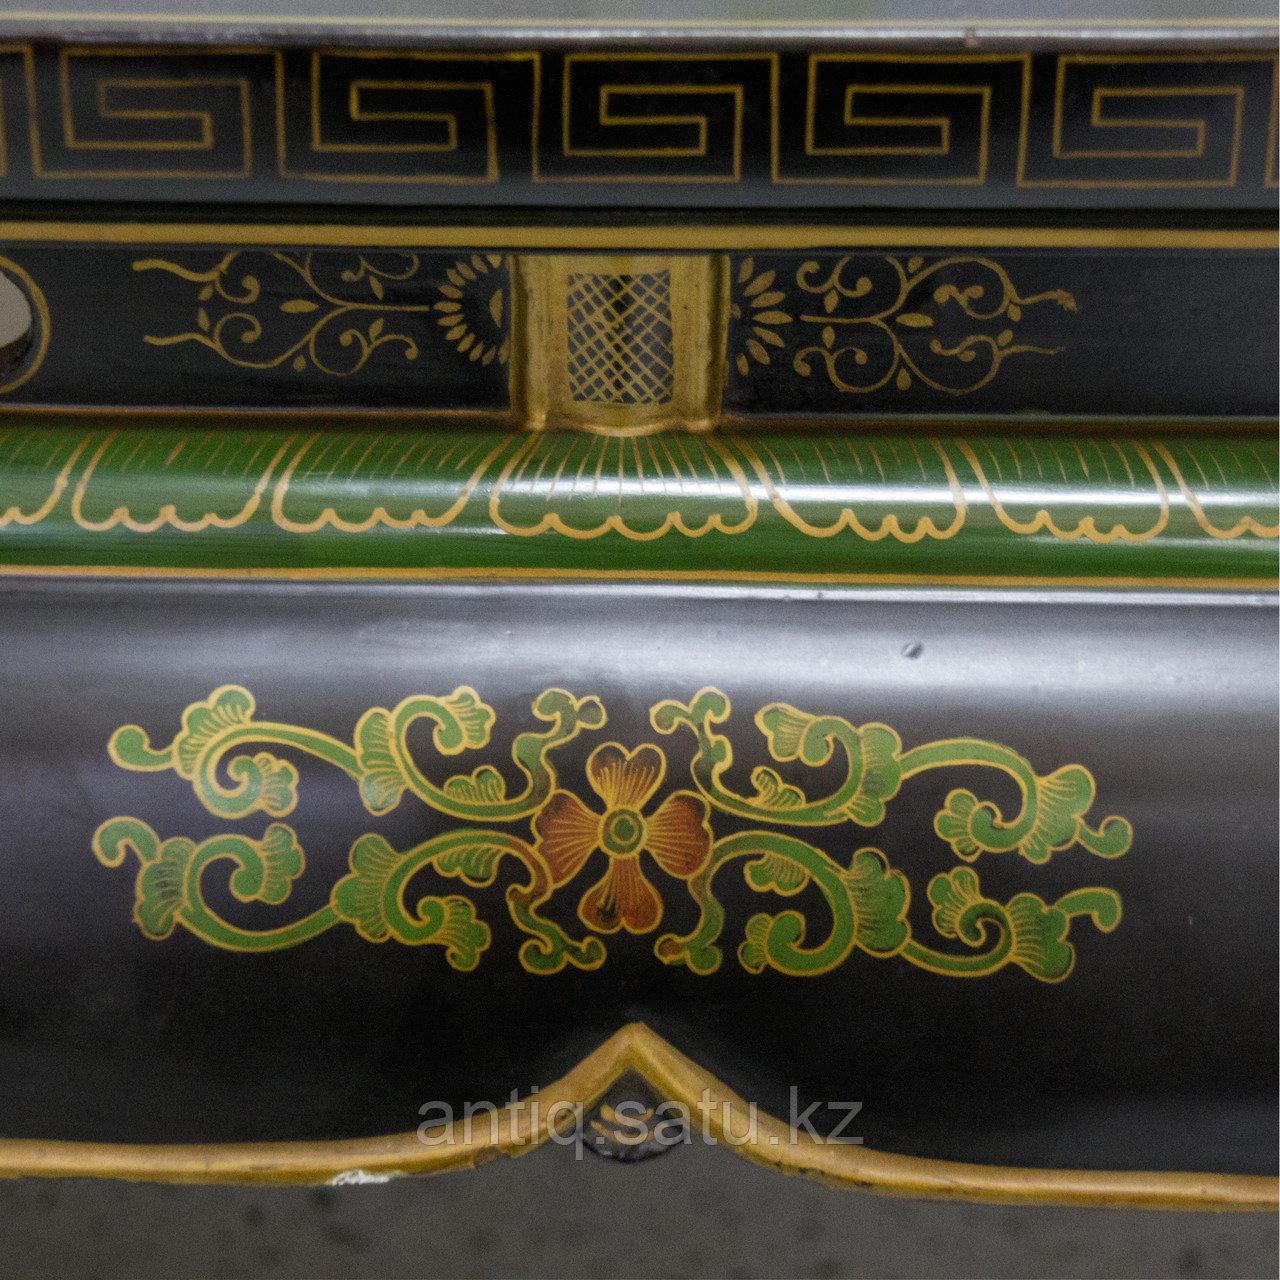 Журнальный столик. Китай. Середина ХХ века - фото 5